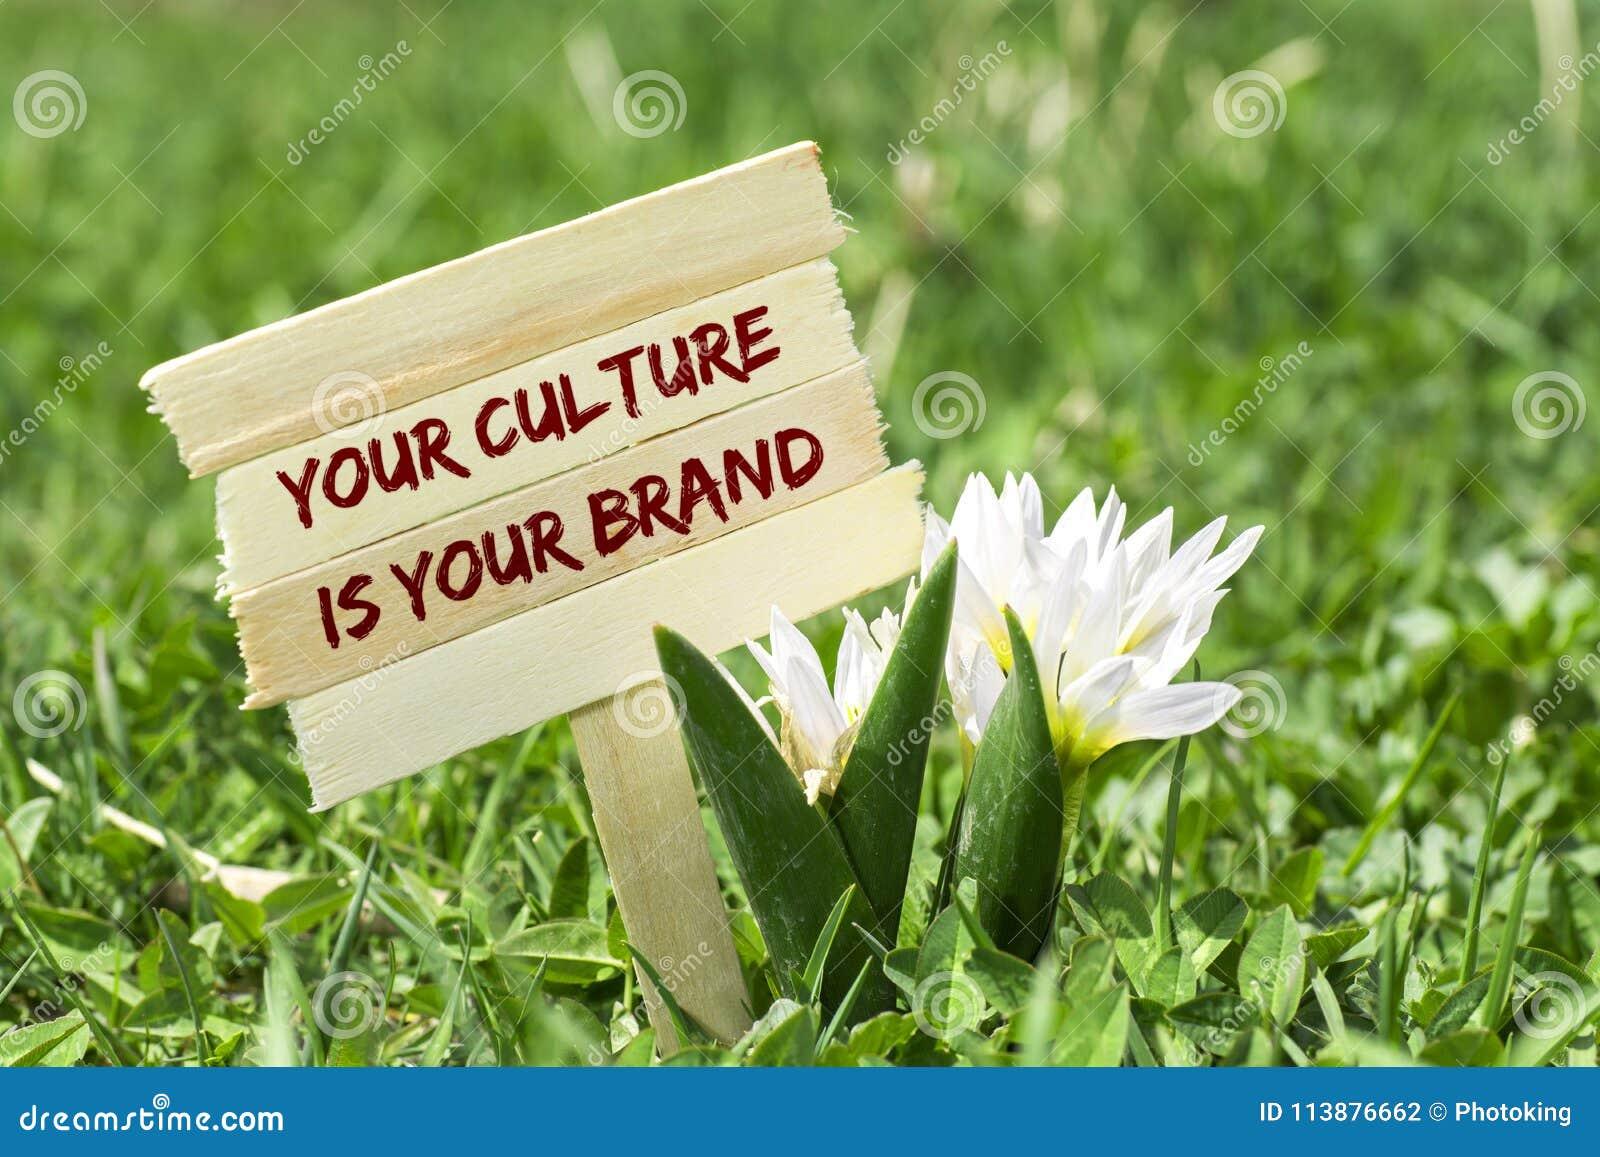 Ваша культура ваш бренд